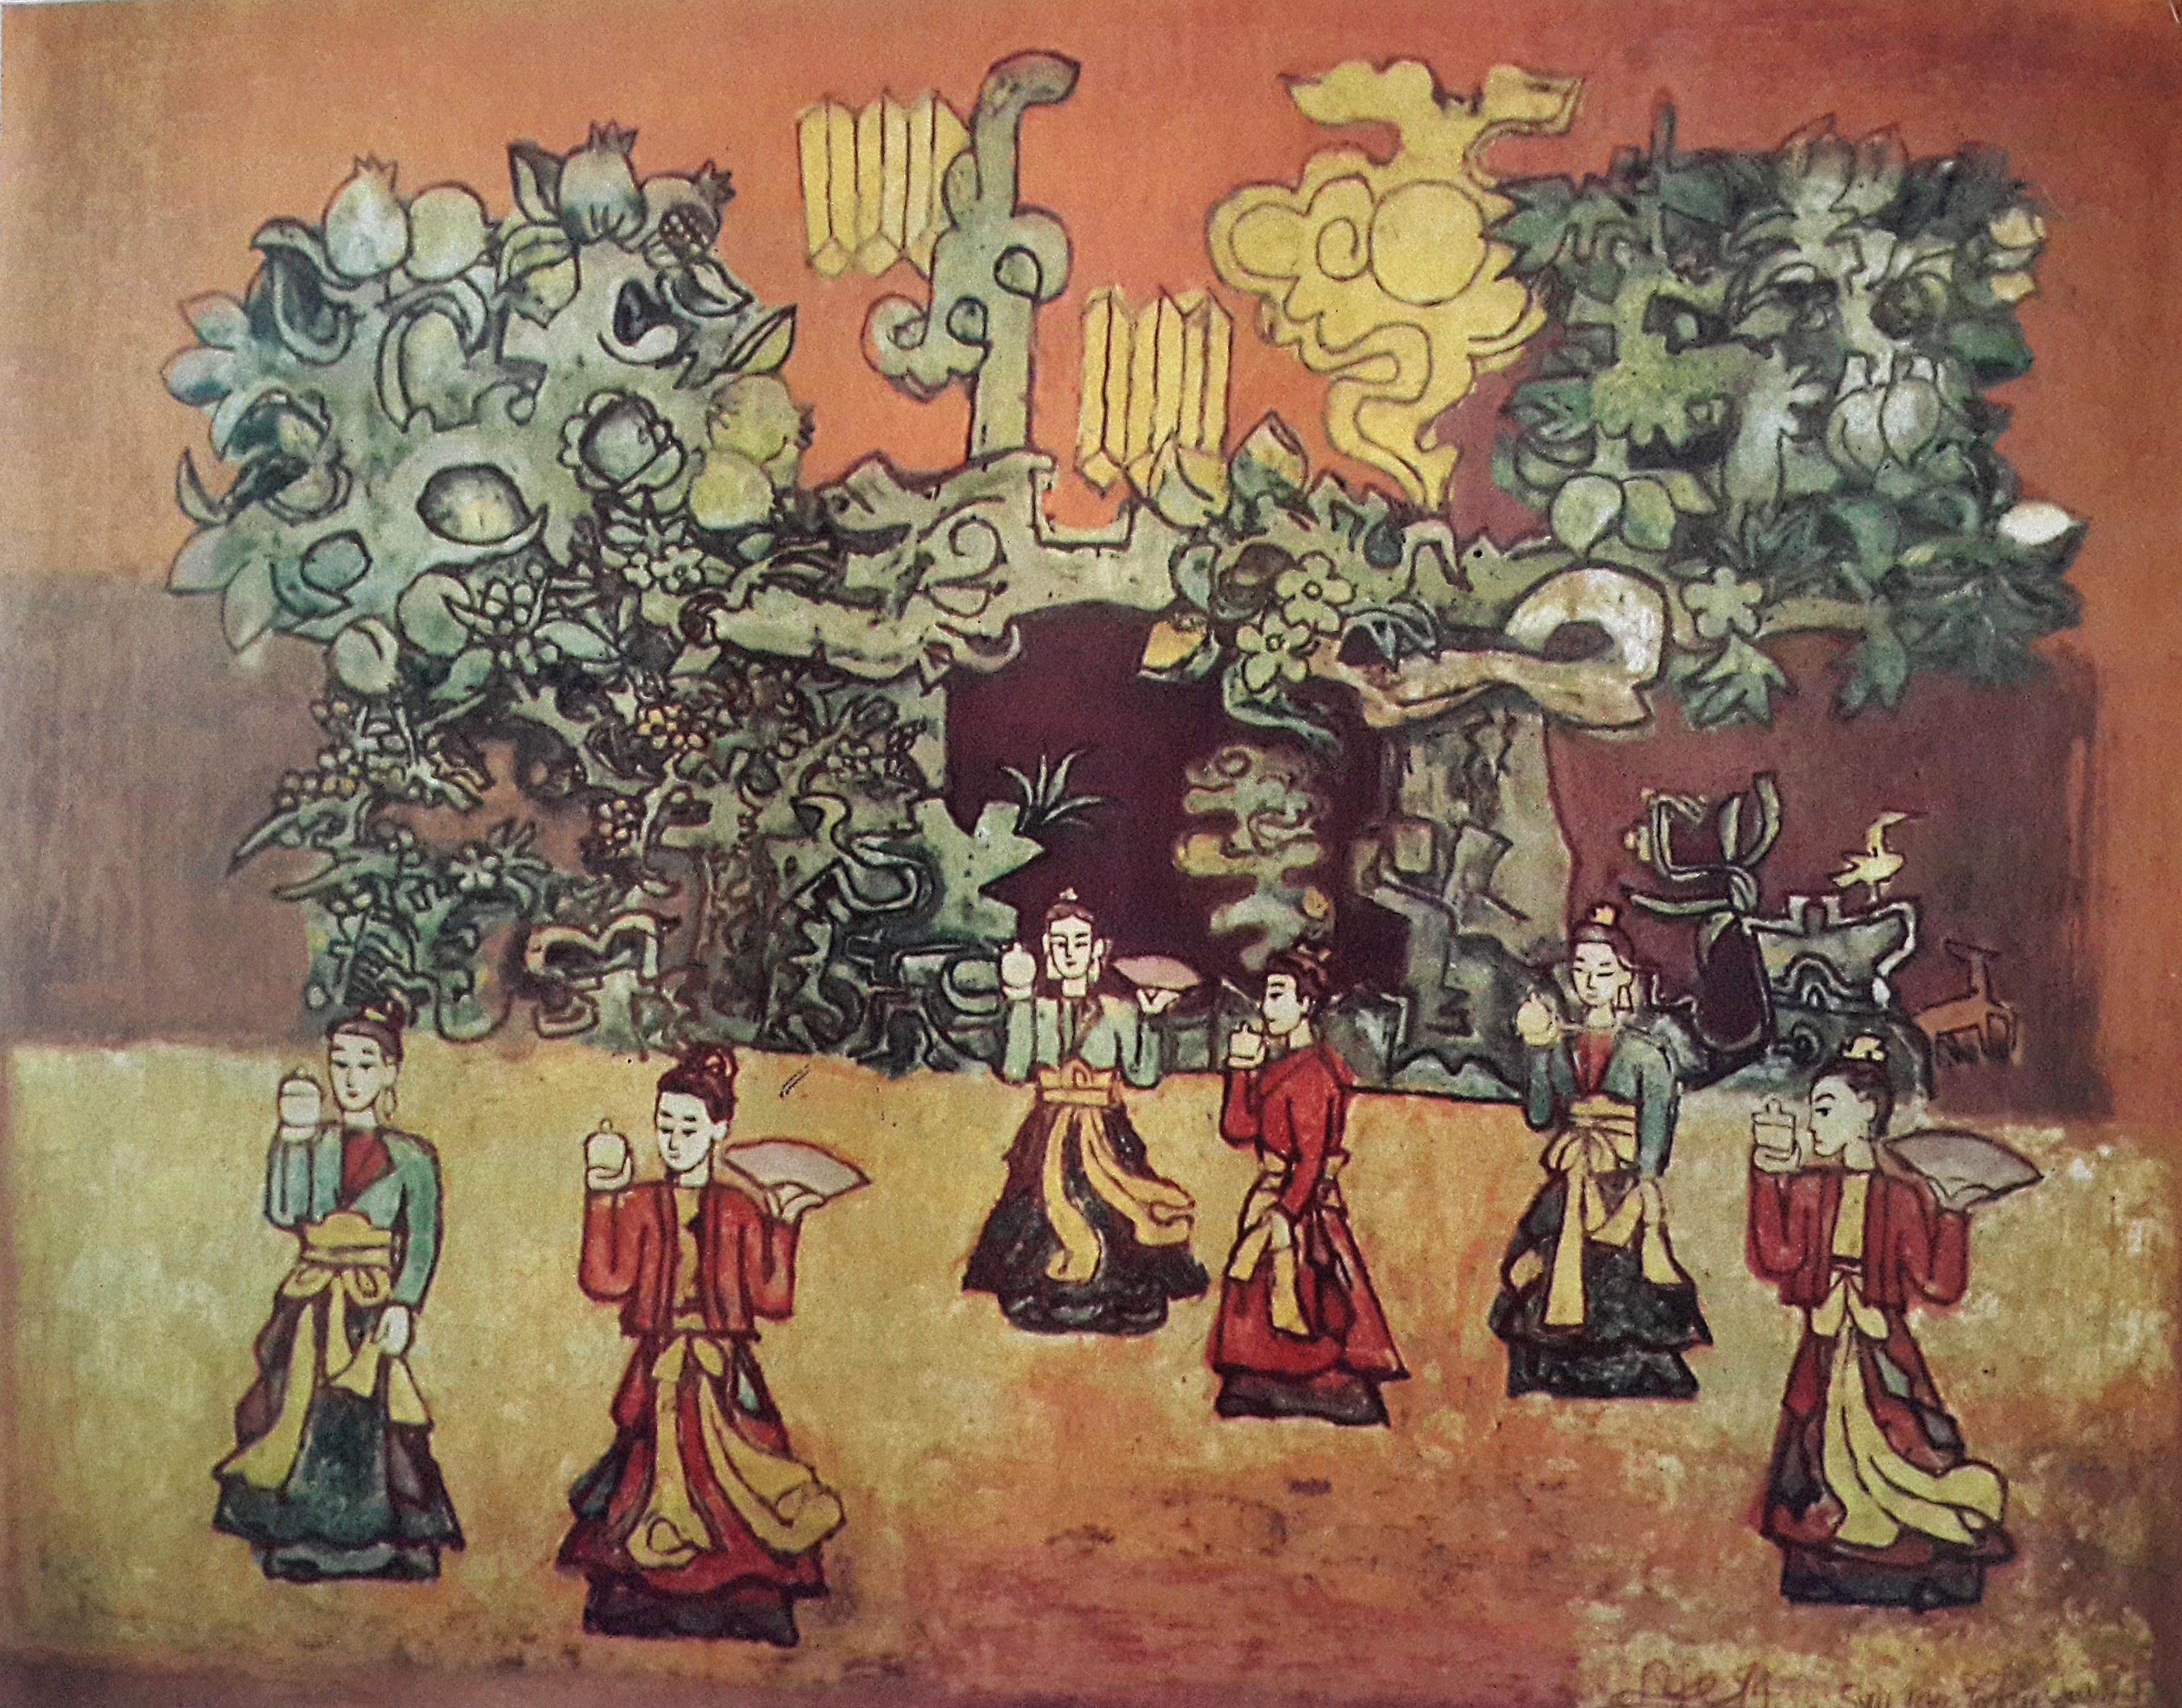 """Họa sĩ Nguyễn Tư Nghiêm """"Khai thác, đi đến tận cùng truyền thống, sẽ gặp hiện đại"""""""